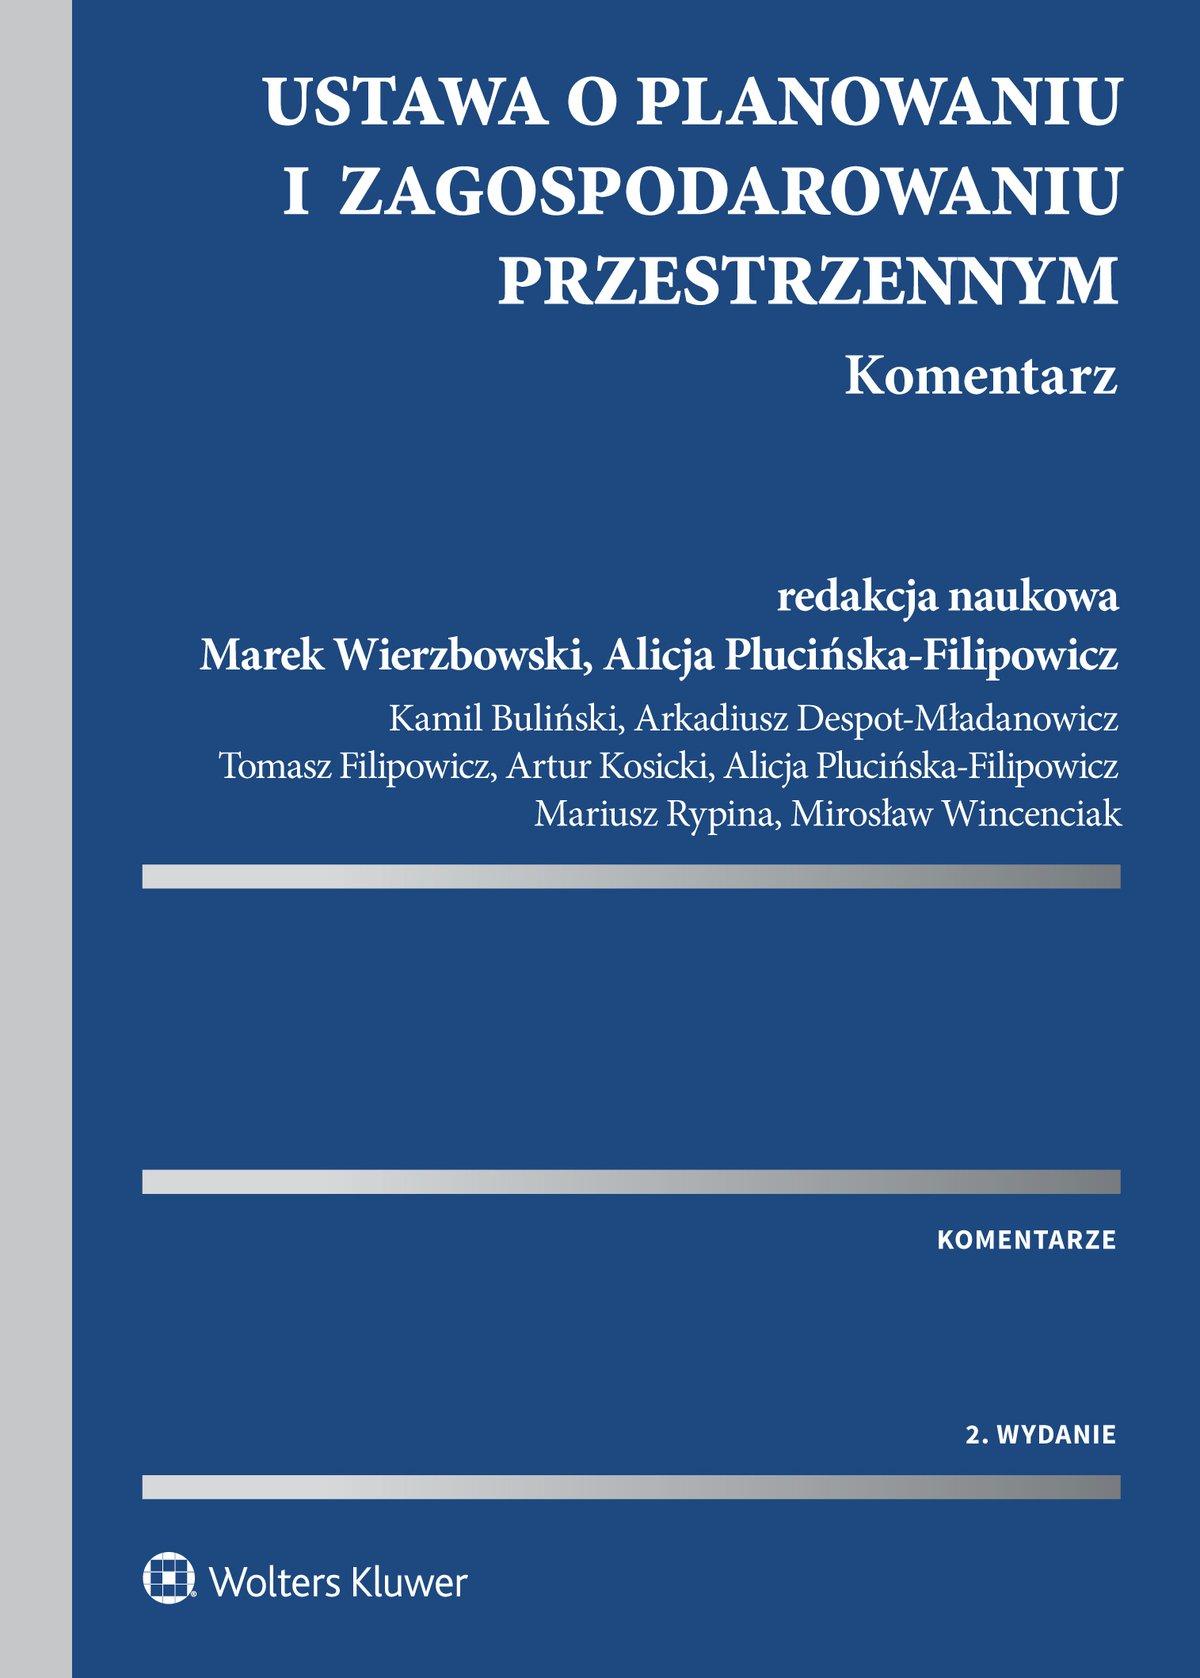 Ustawa o planowaniu i zagospodarowaniu przestrzennym. Komentarz - Ebook (Książka EPUB) do pobrania w formacie EPUB